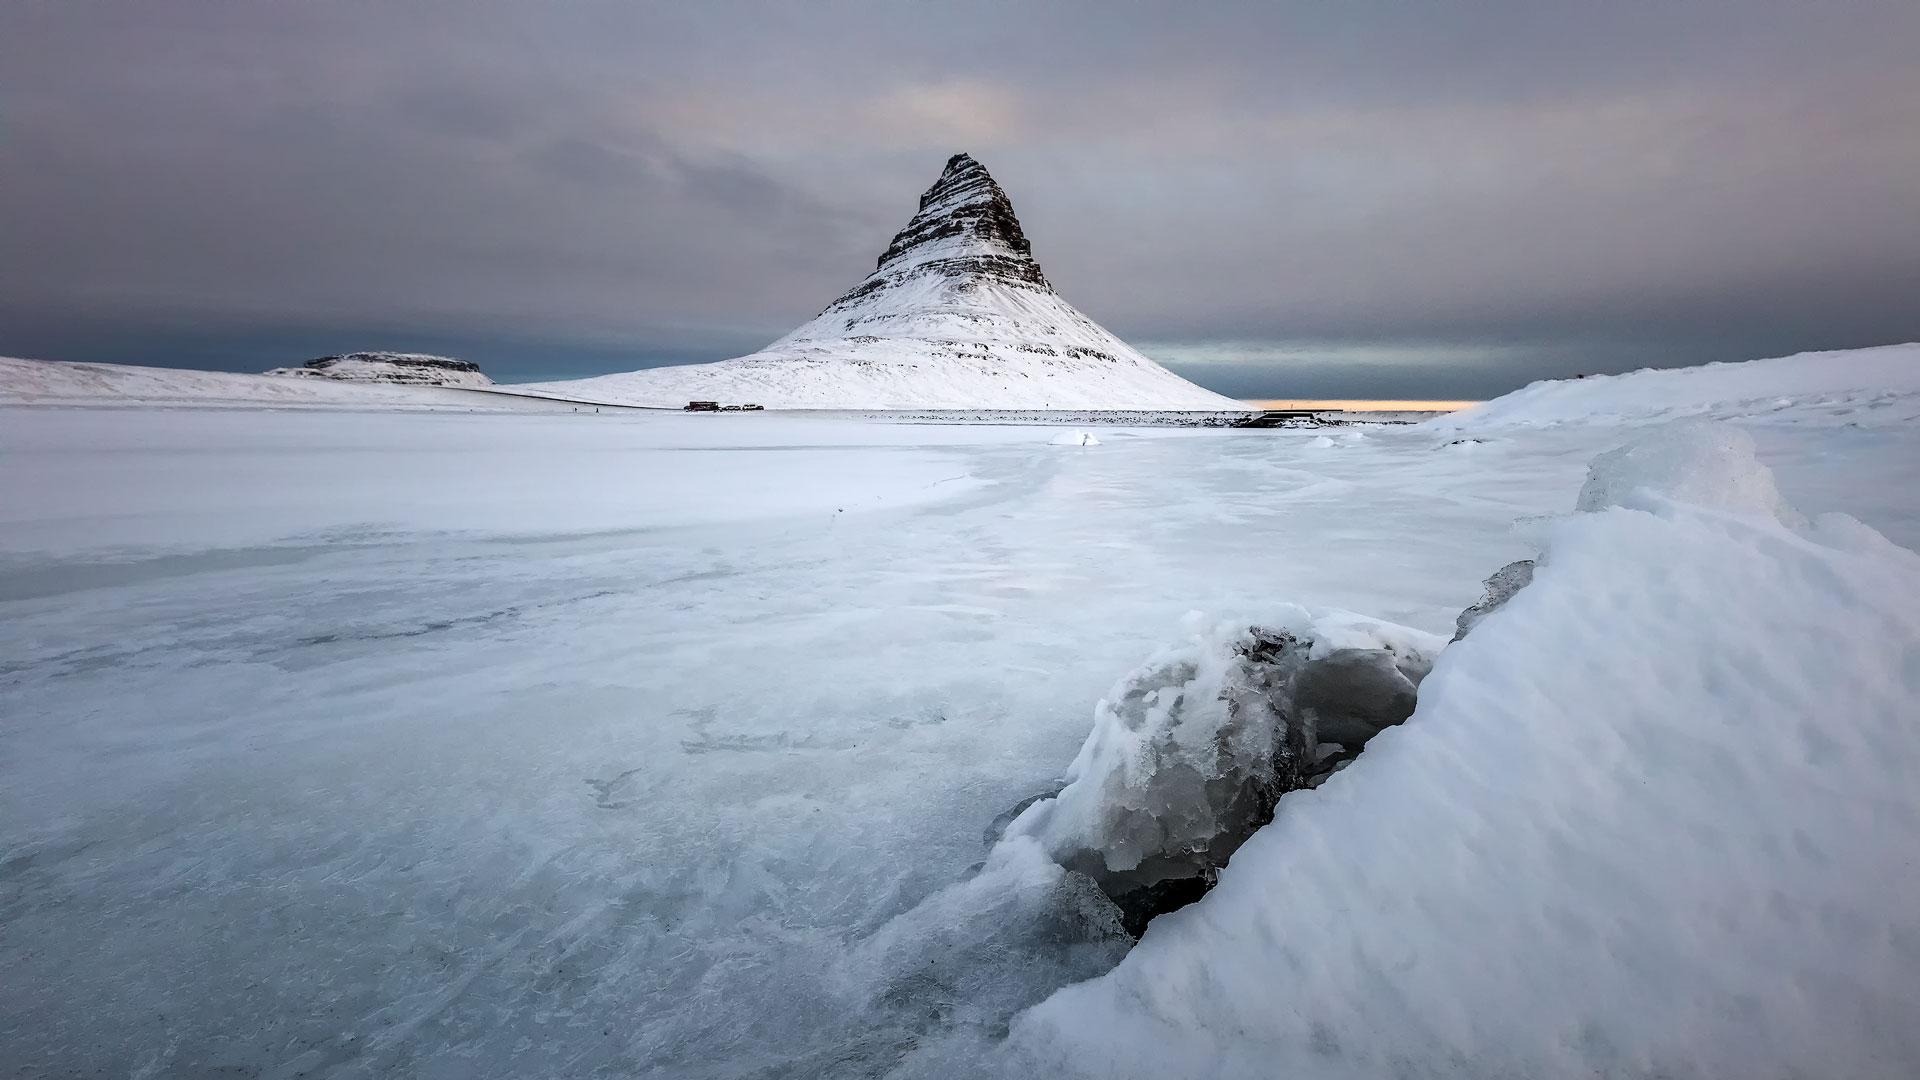 ijsland-feb-2019-272-kopiëren.jpg